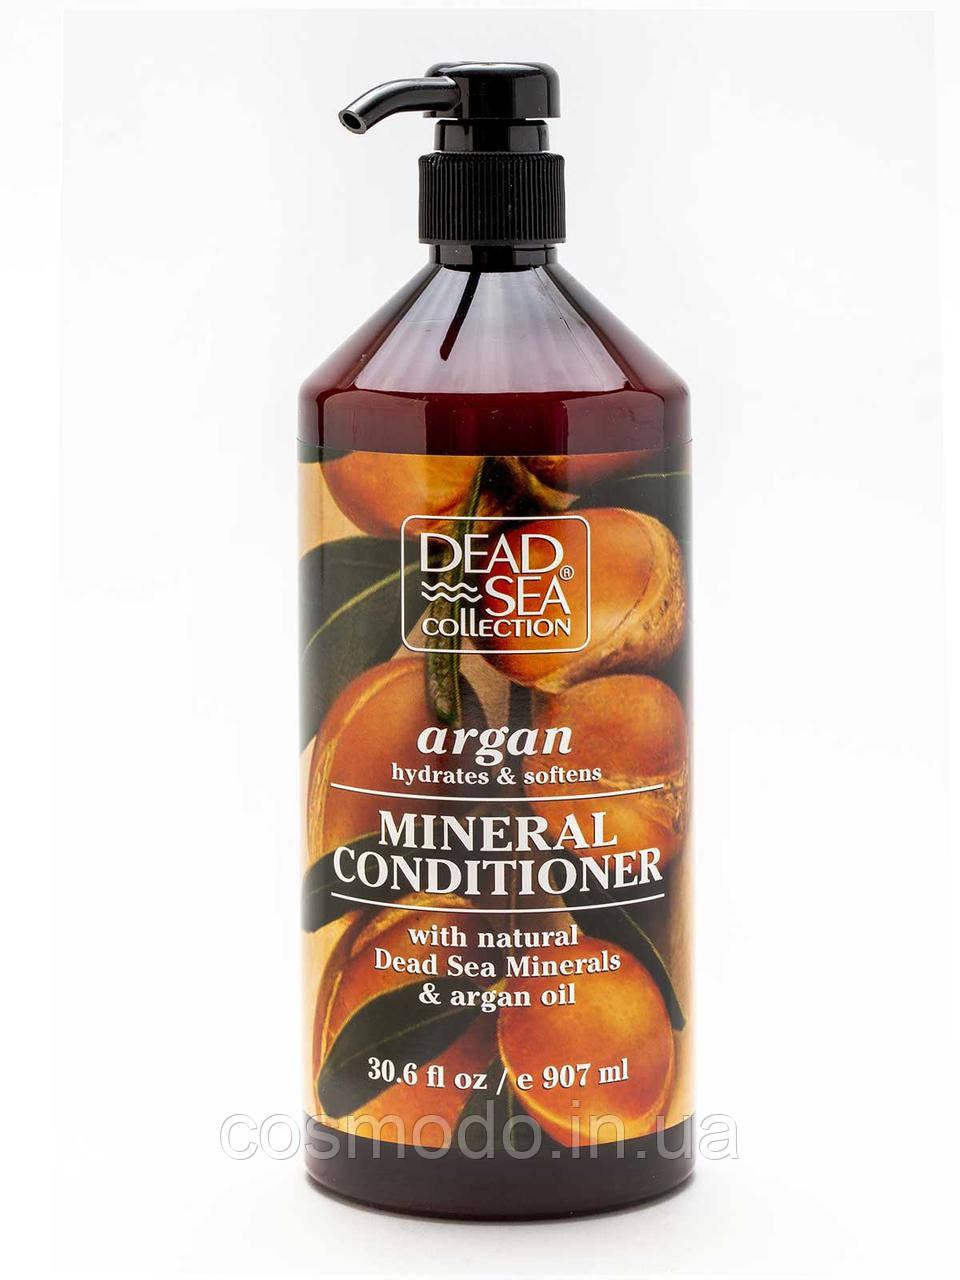 Кондиционер для волос минералами Мертвого моря и аргановым маслом DeadSea Collection Argan Mineral Conditioner